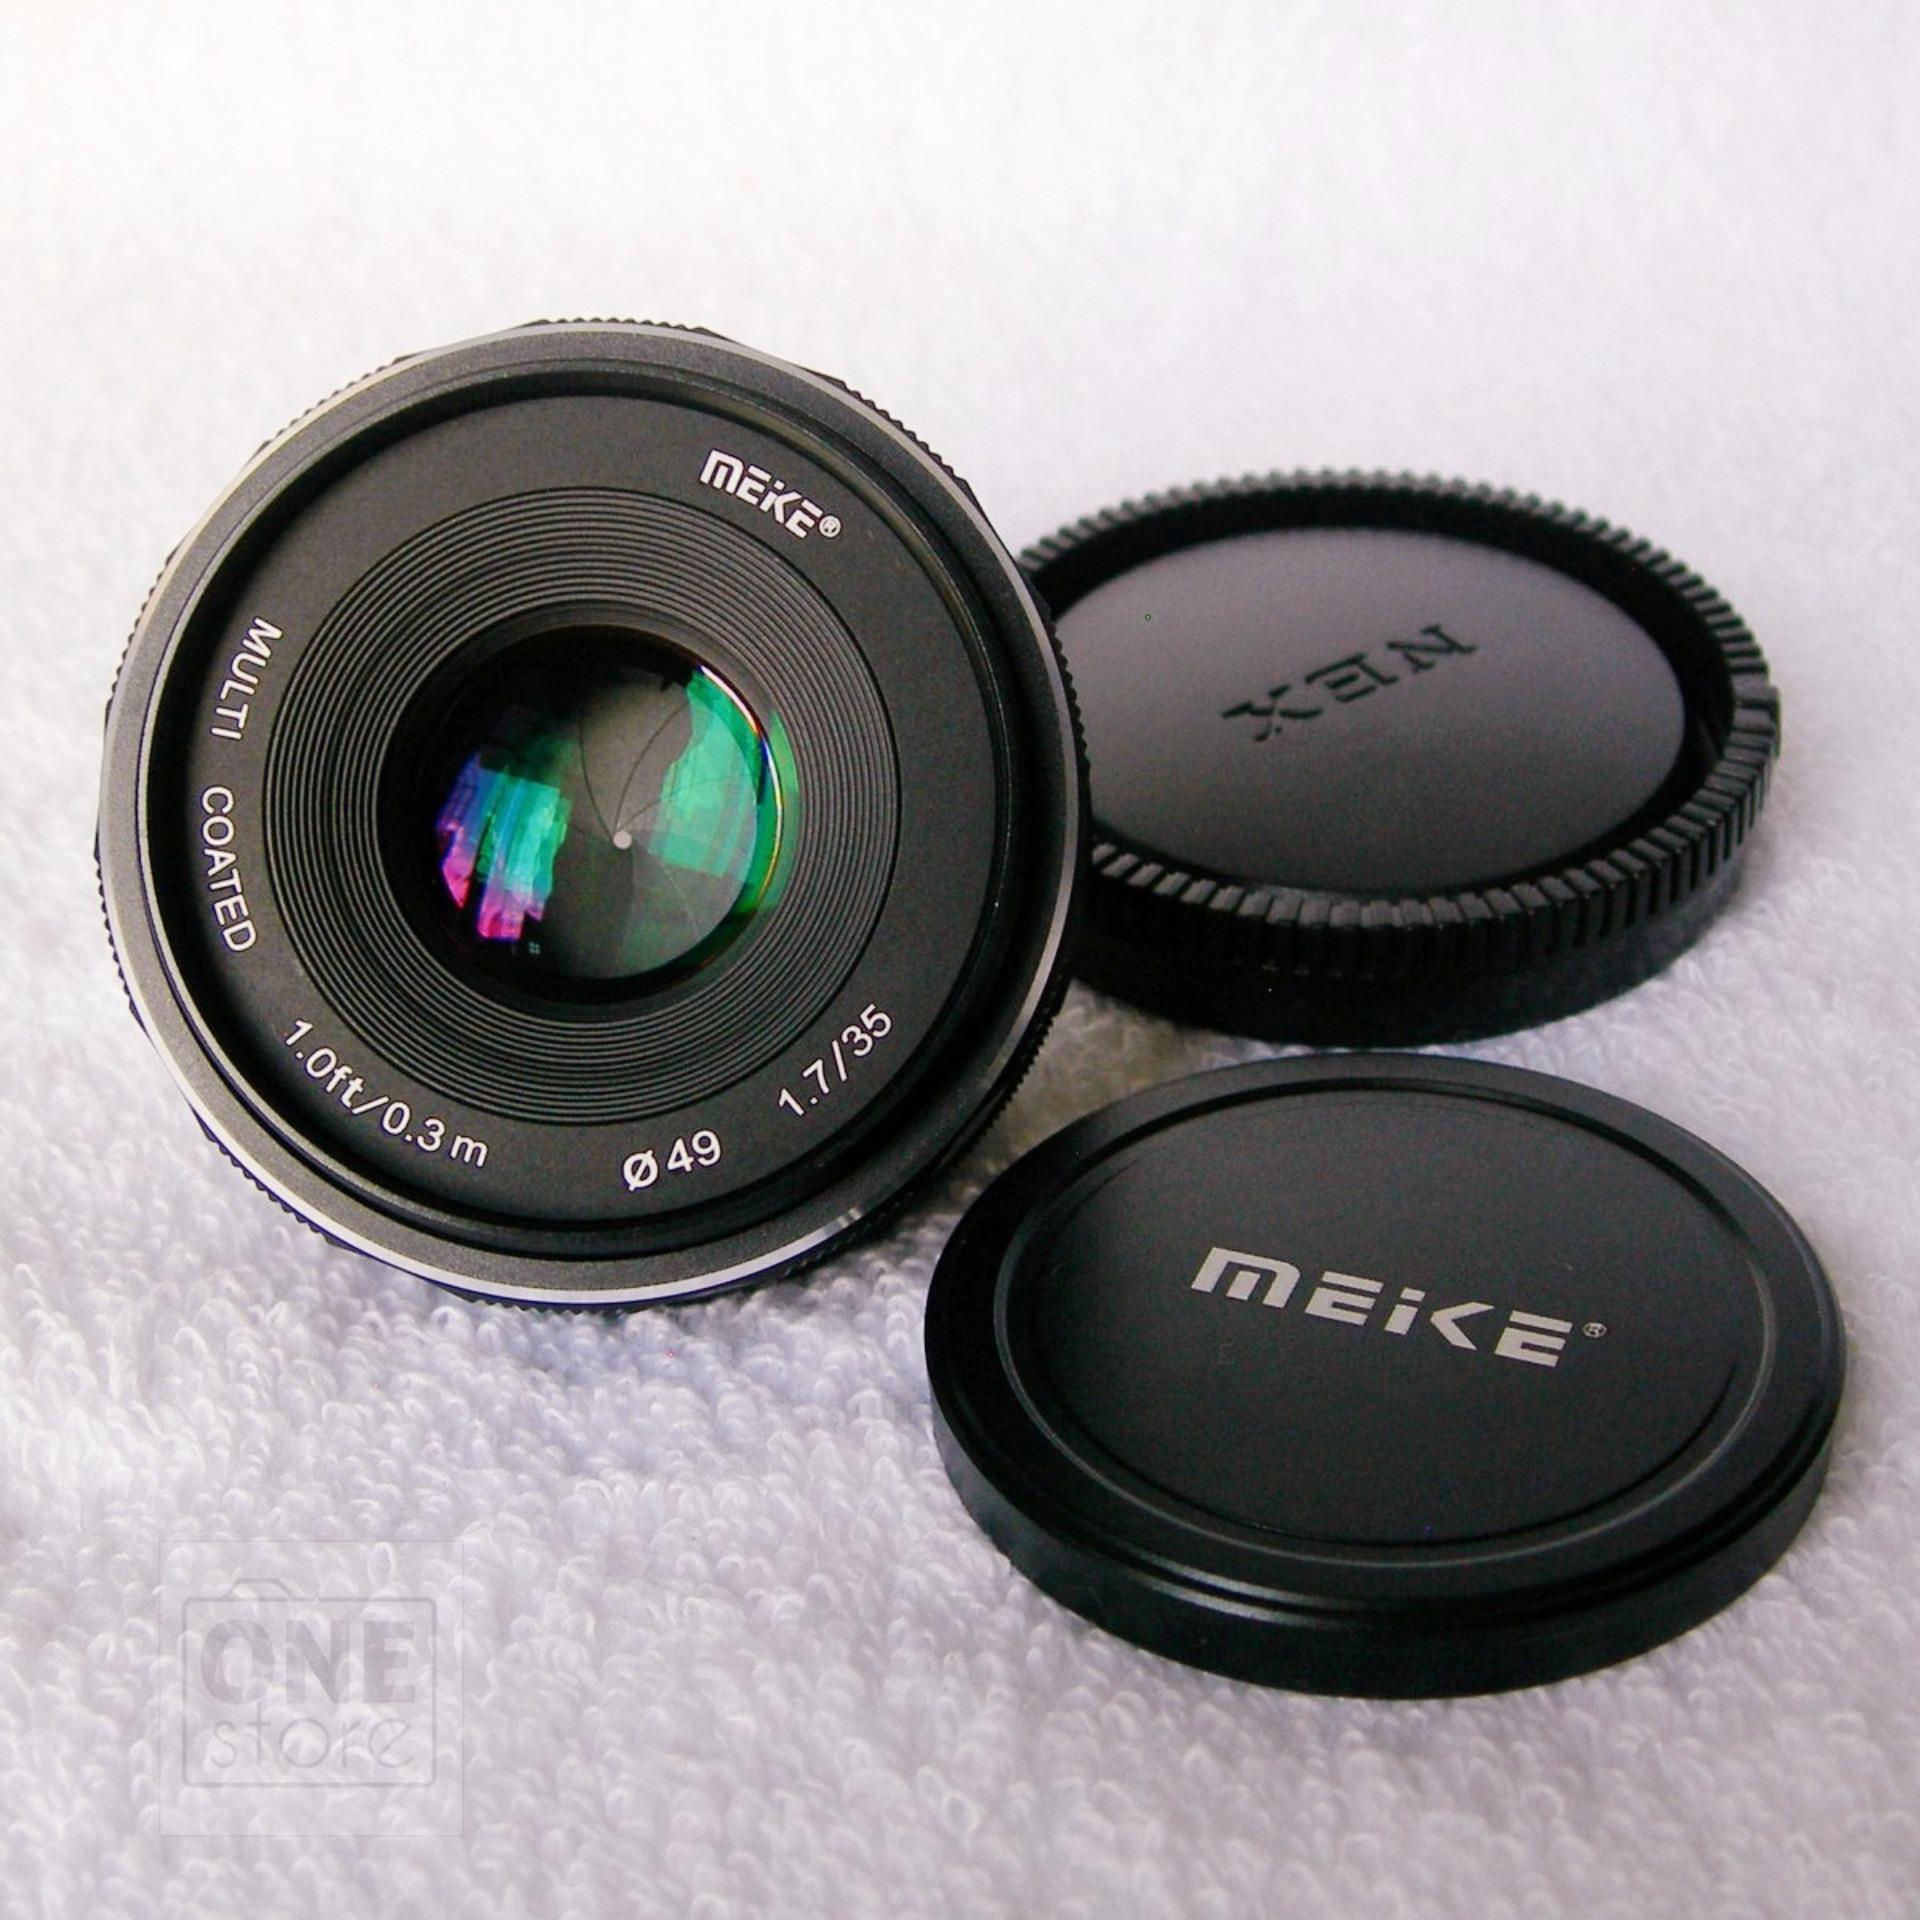 Bảng Giá Ống kính Meike 35mm F1.7 cho Canon EOS-M (manual focus)